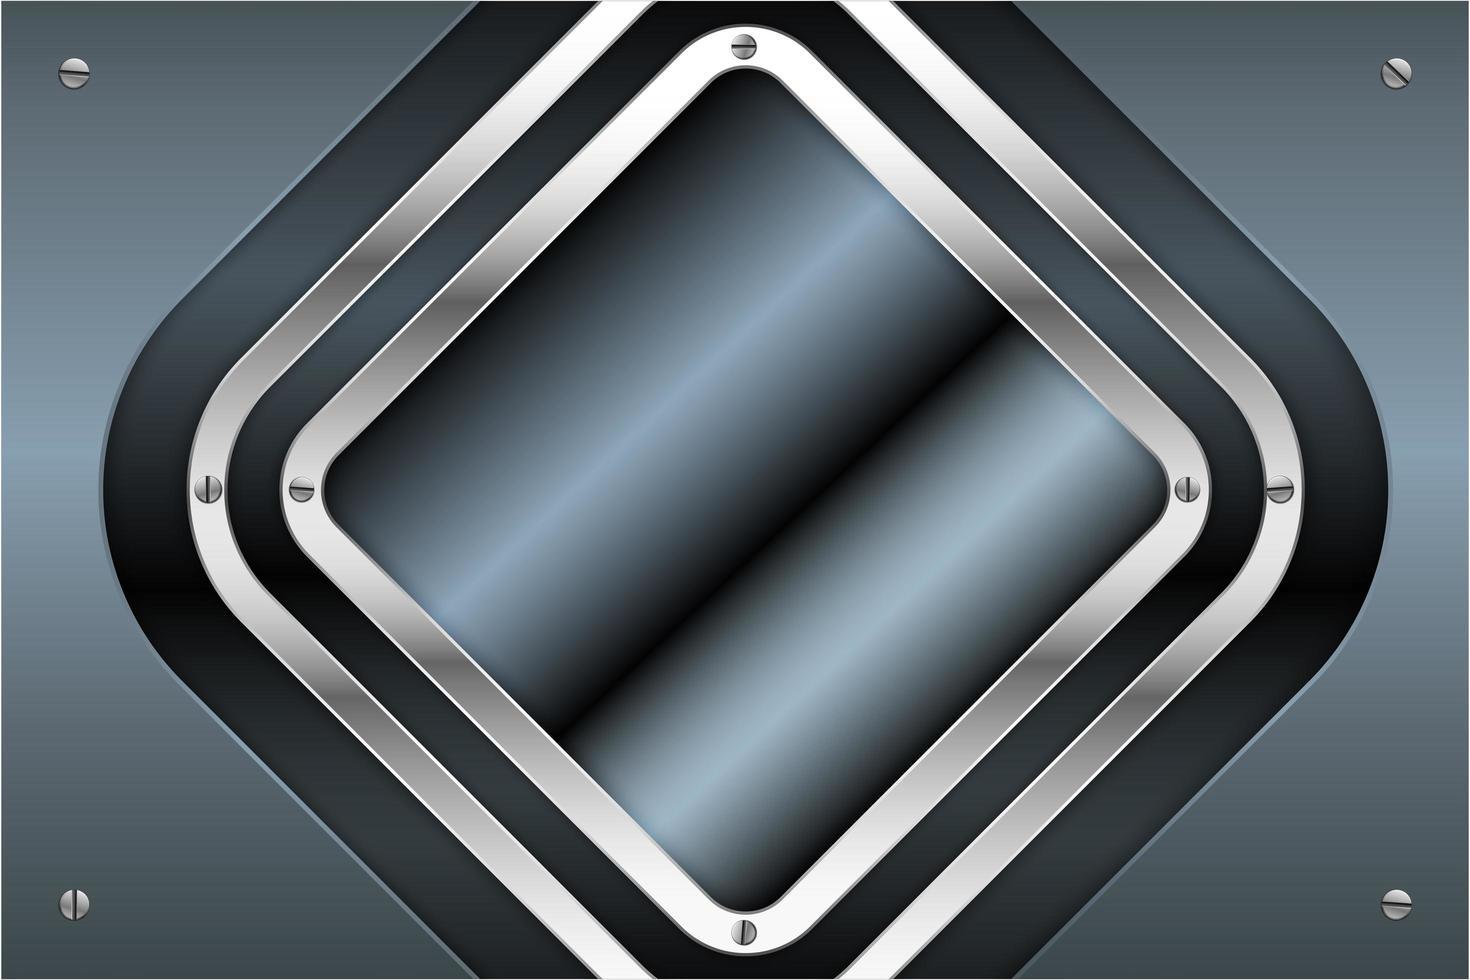 blauwe en zilveren metalen platen met schroeven technologie concept vector